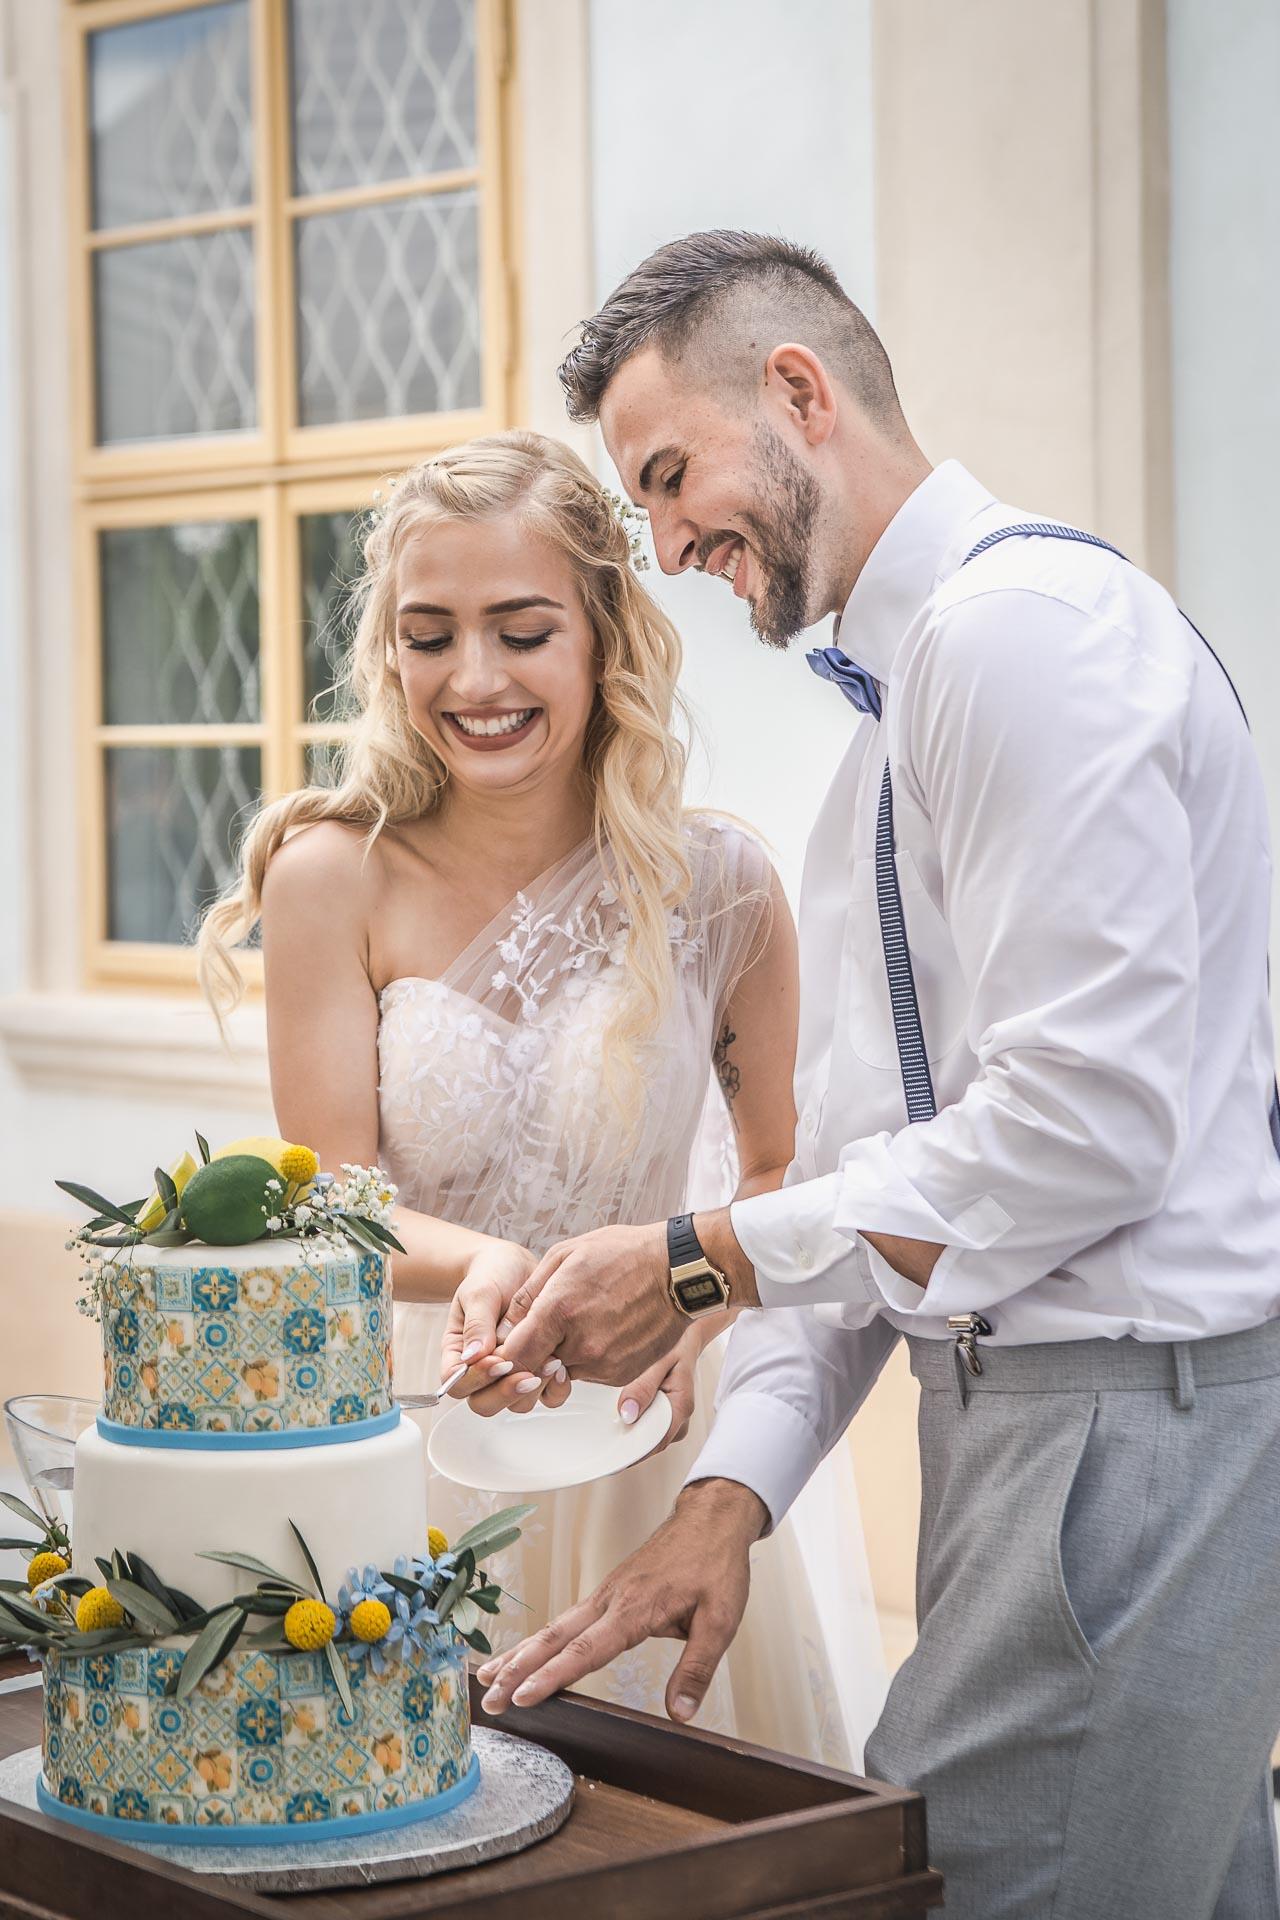 svatební-fotograf-zámek-Loučeň-svatební-video-zámek-Loučeň-4423